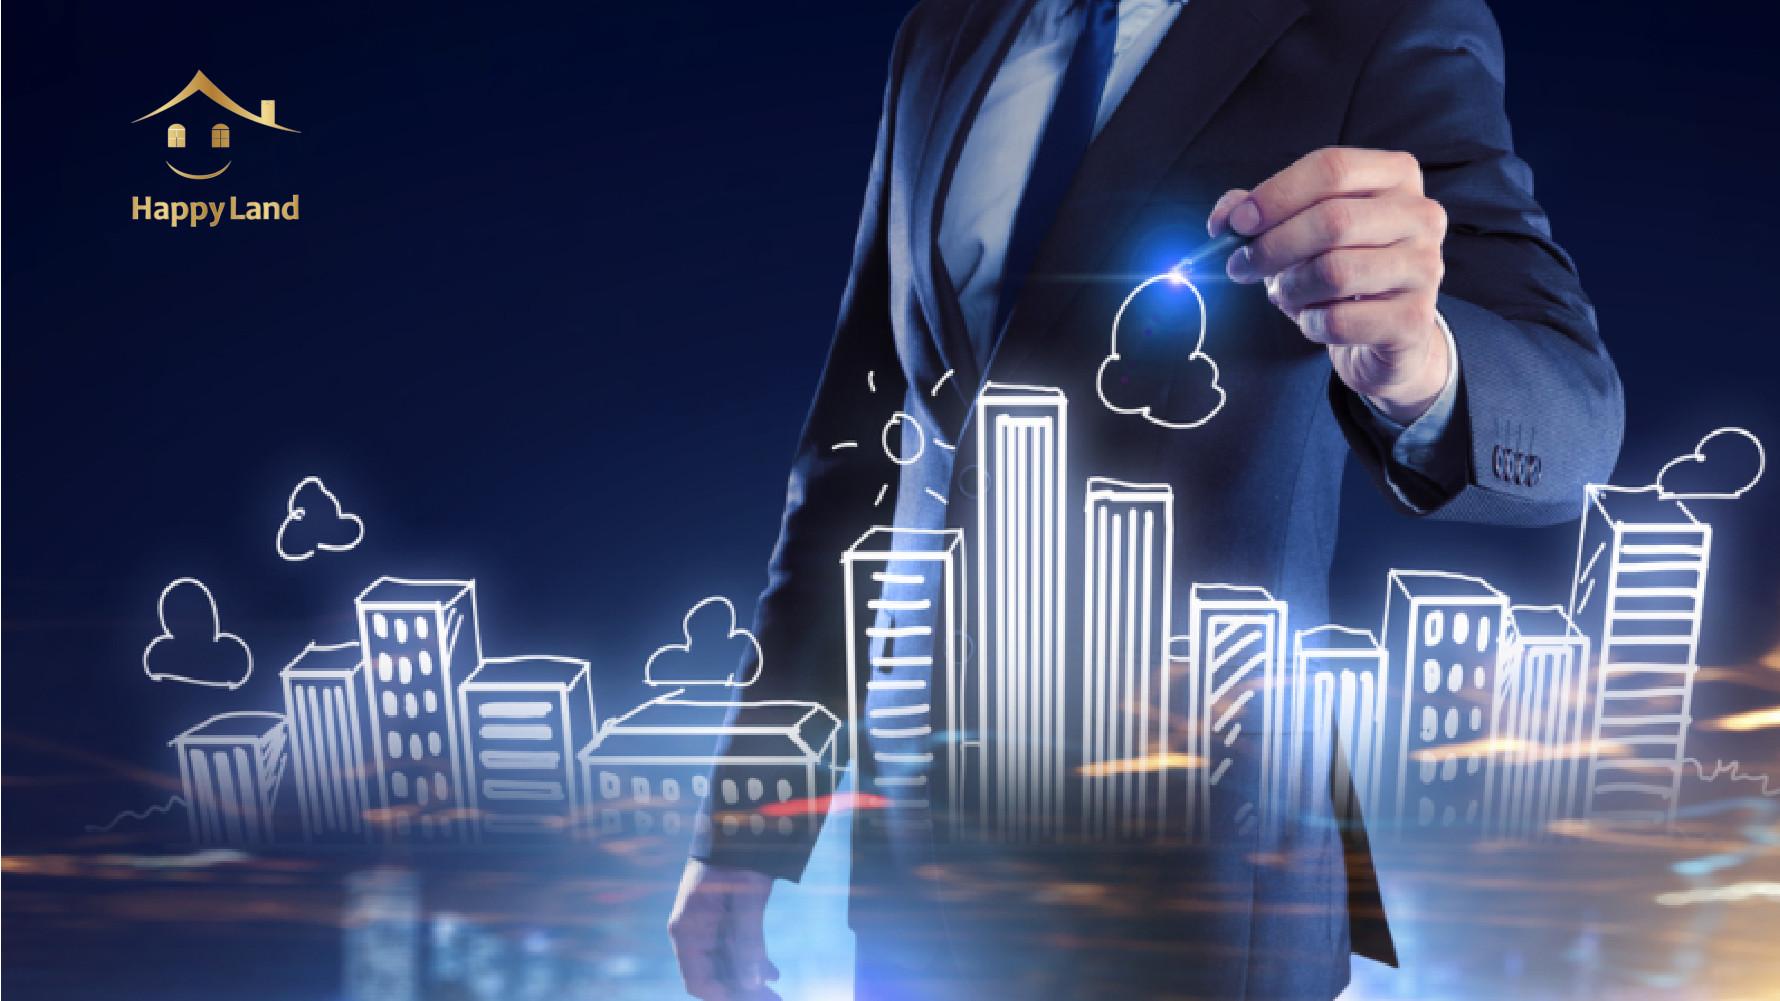 Nguồn cung căn hộ TP Thủ Đức luôn dẫn đầu thị trường TPHCM, tạo điều kiện thuận lợi cho người dân đầu tư